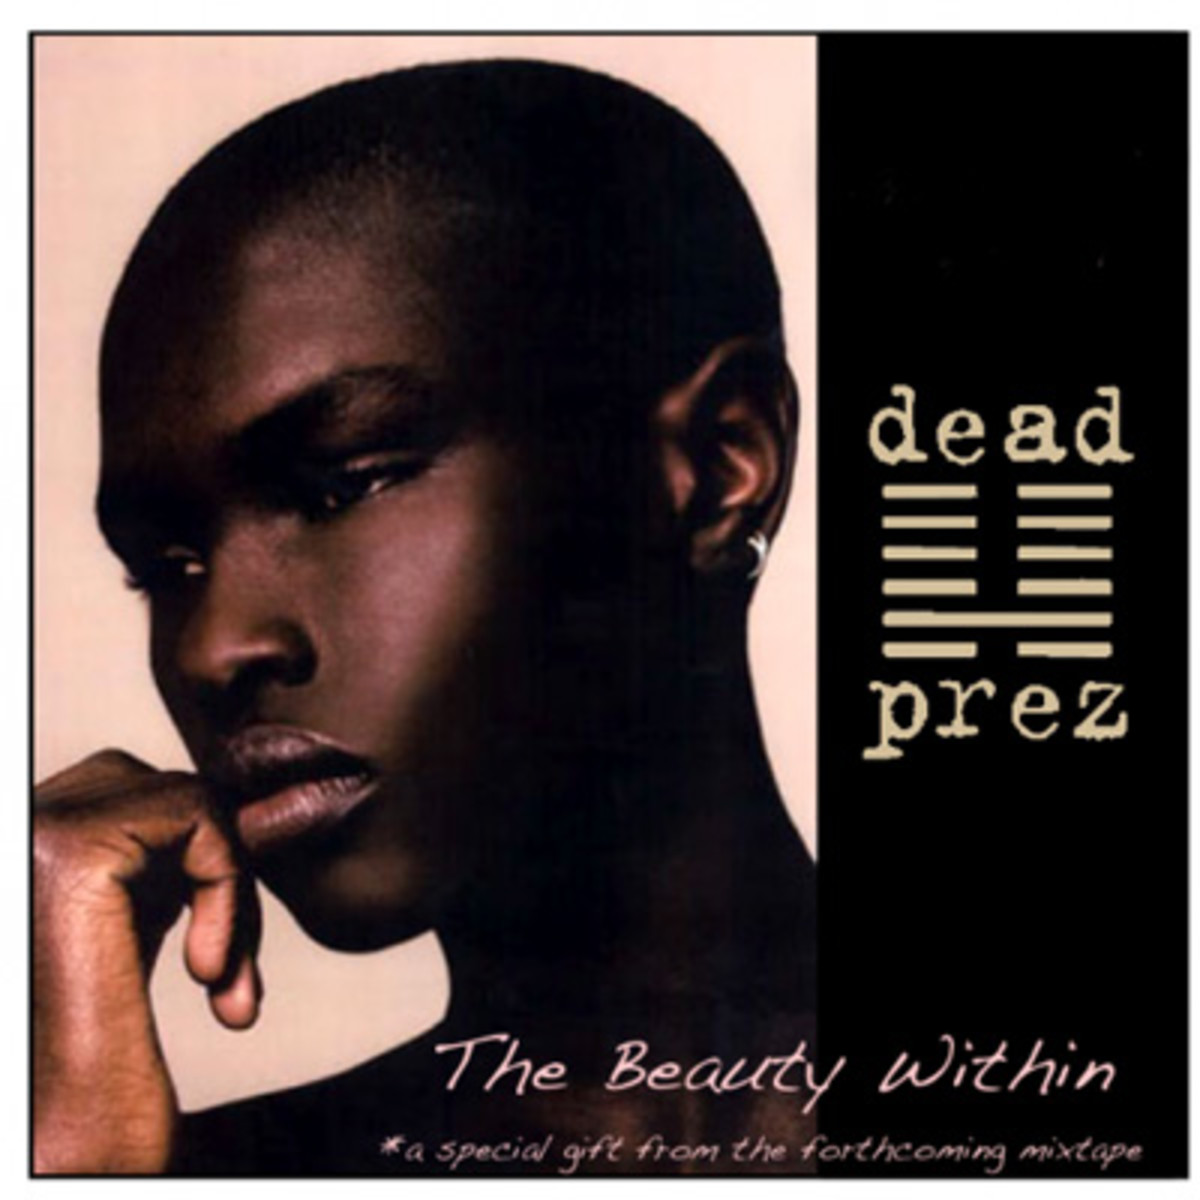 deadprez-thebeautywithin.jpg